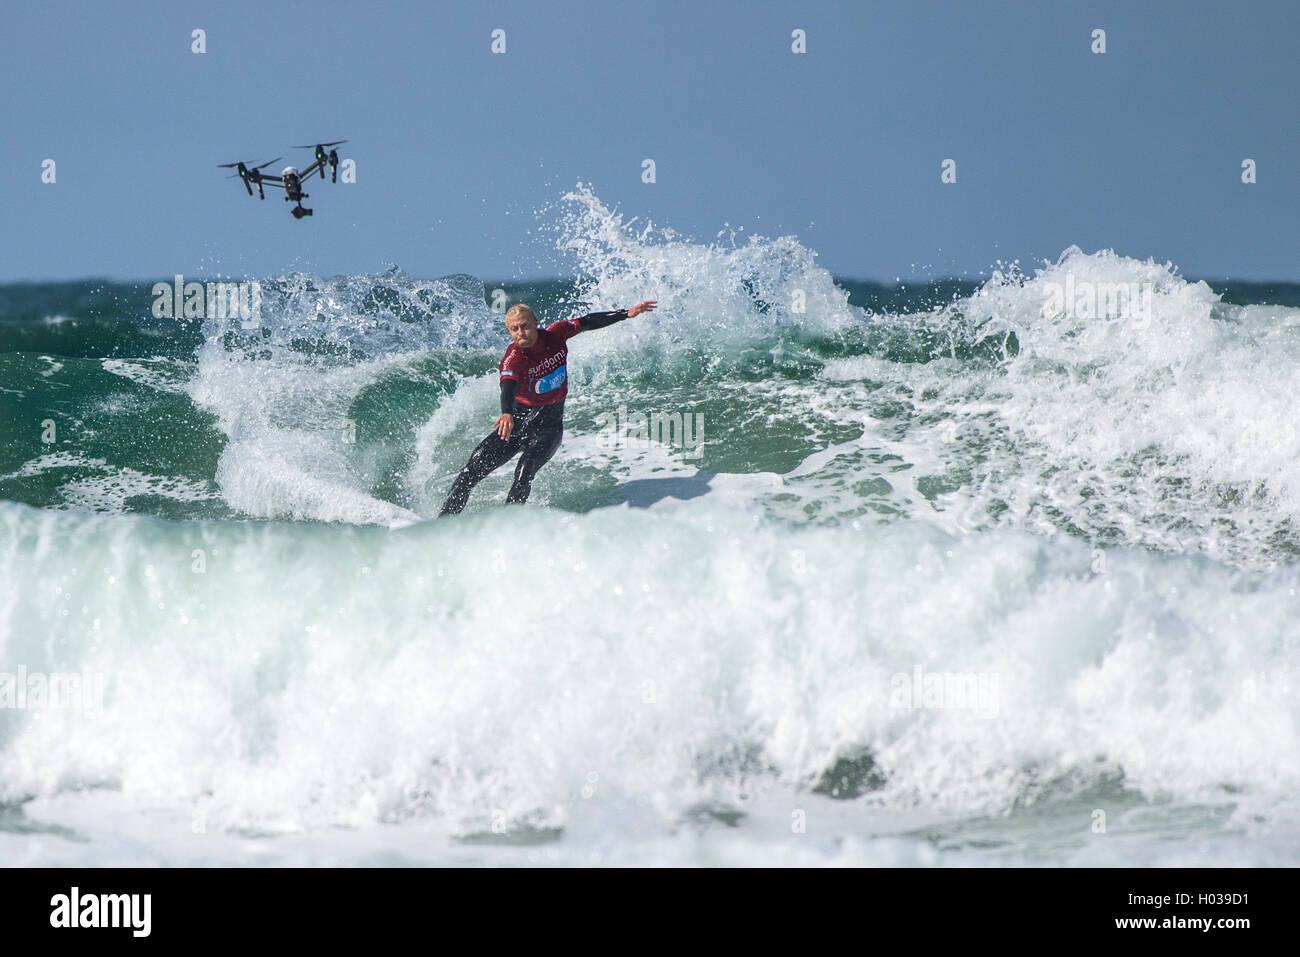 Eine Drohne filmt ein Konkurrent in Aktion bei der GB Inter Clubs Surfen Surfwettbewerb am Fistral in Newquay, Cornwall. Stockbild